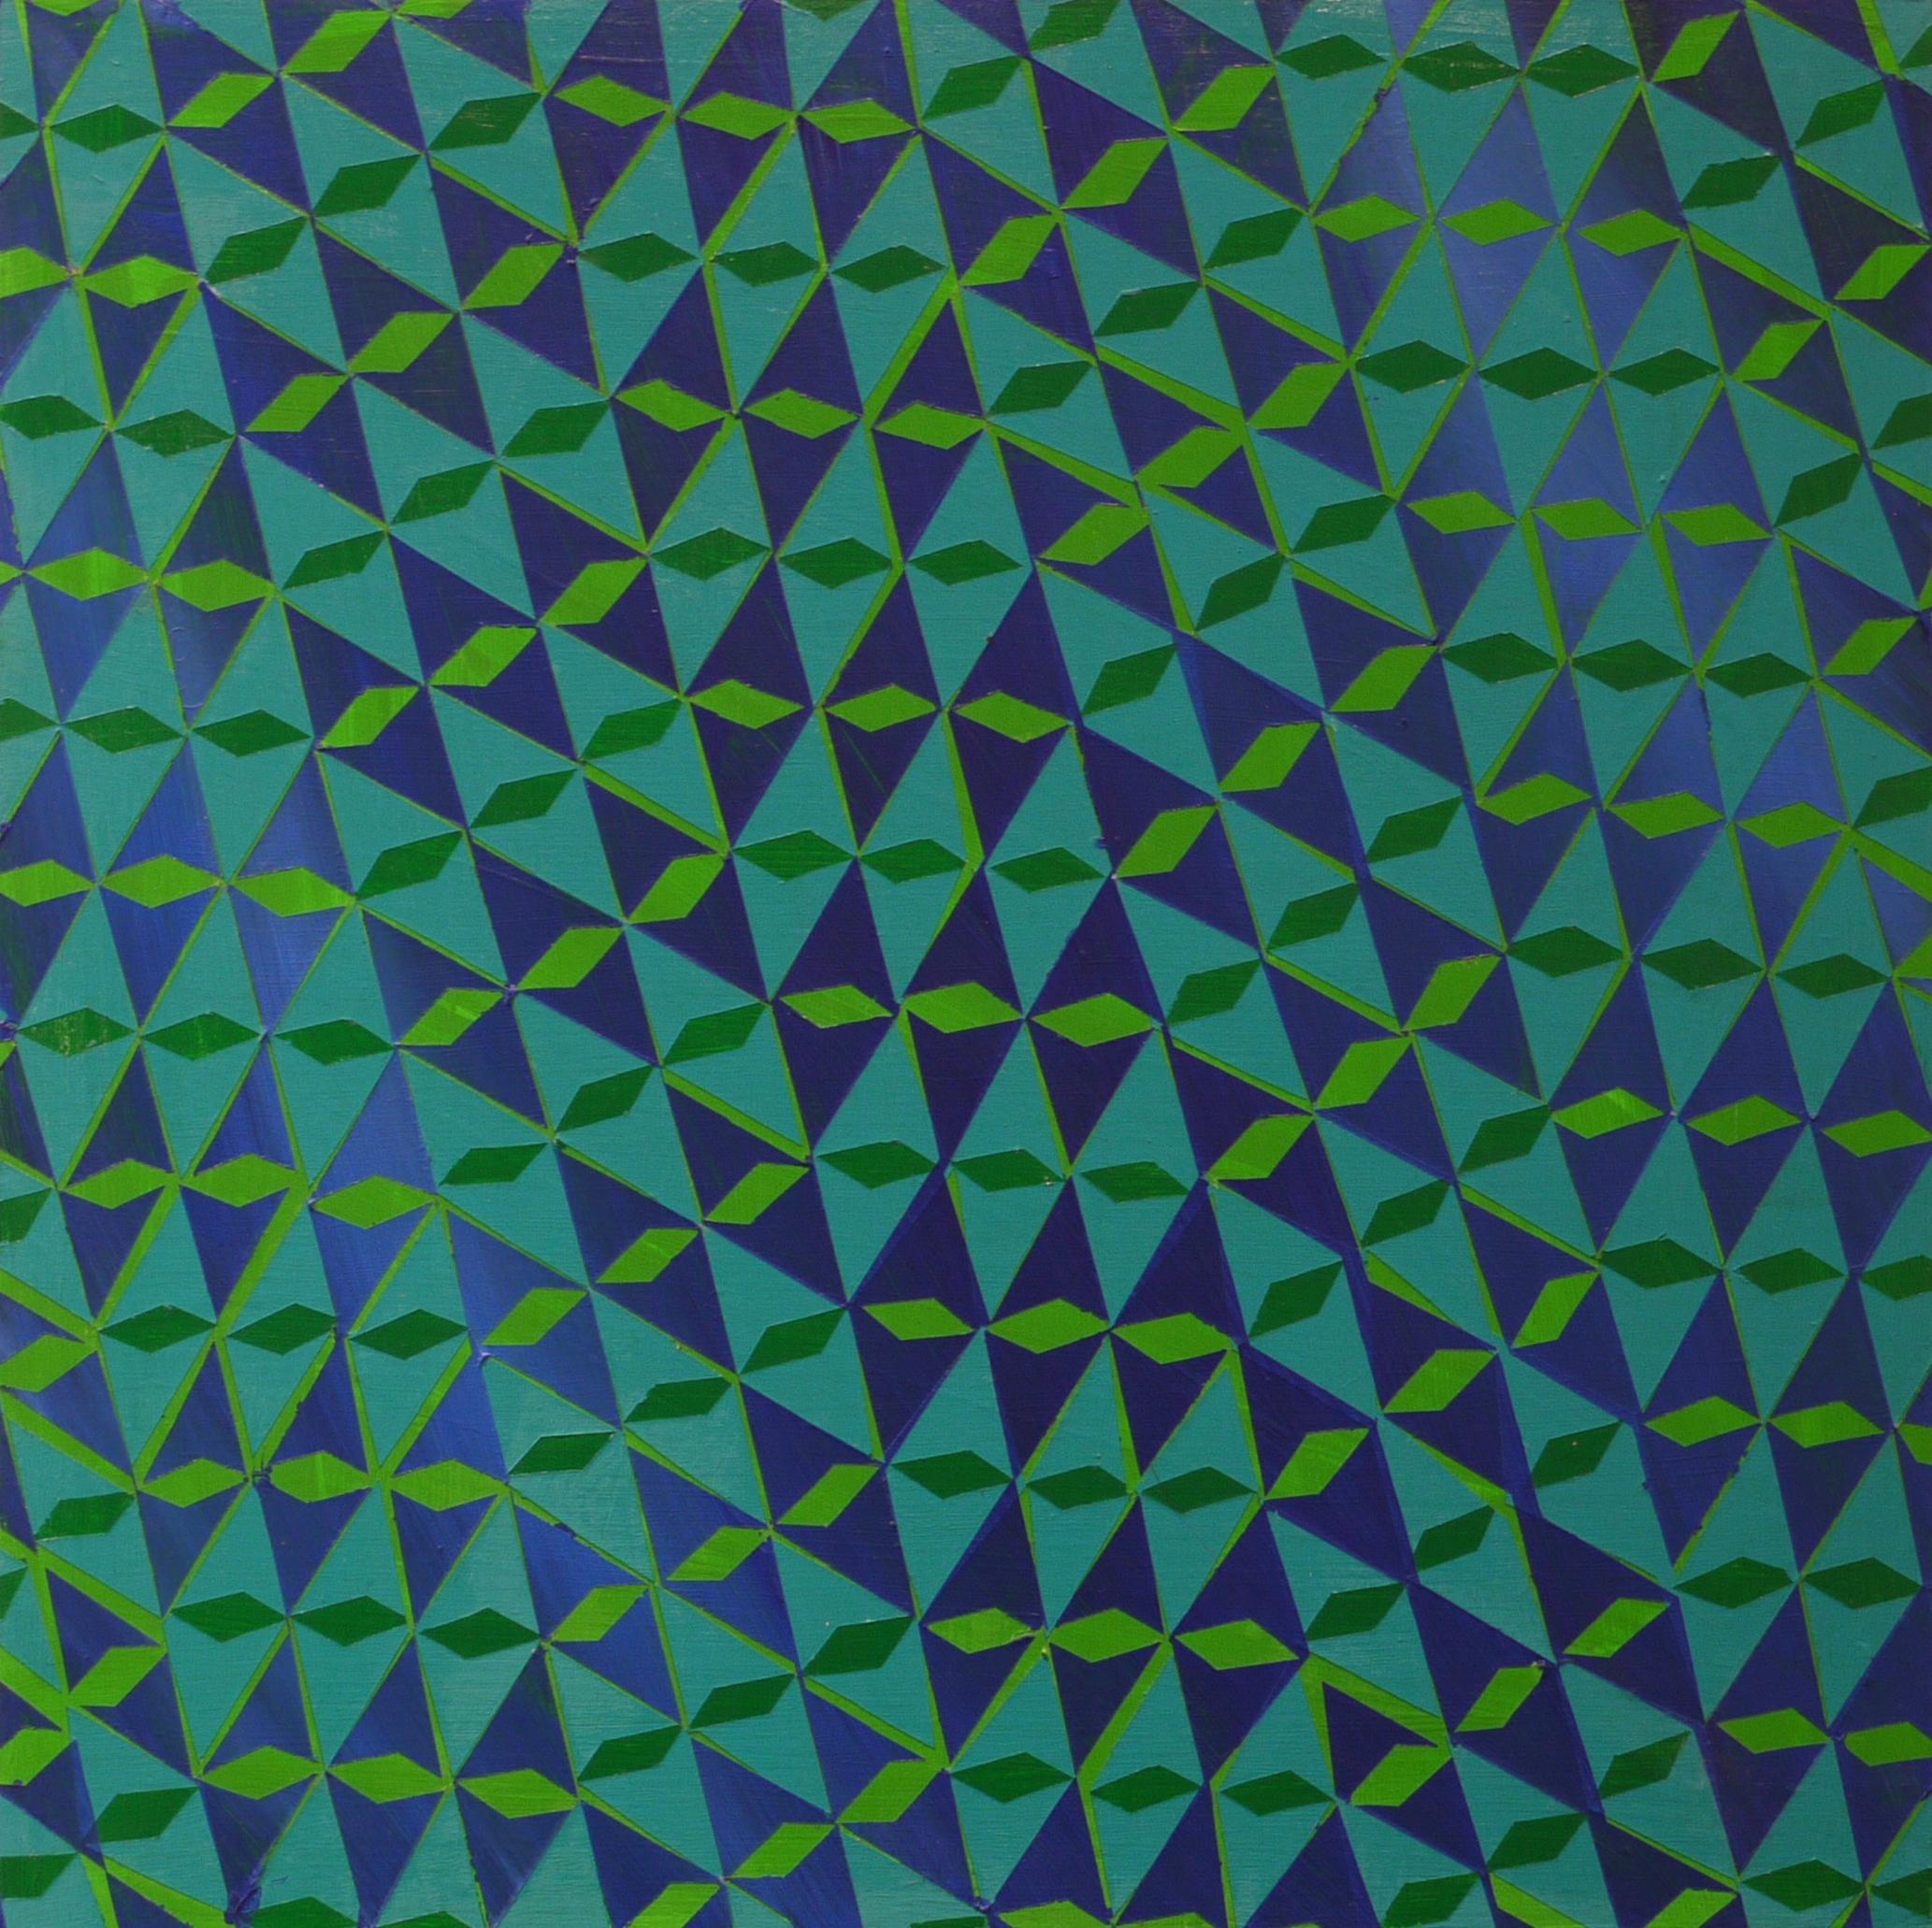 """#57 (2014) Acrylic on Panel, 12""""x12"""""""